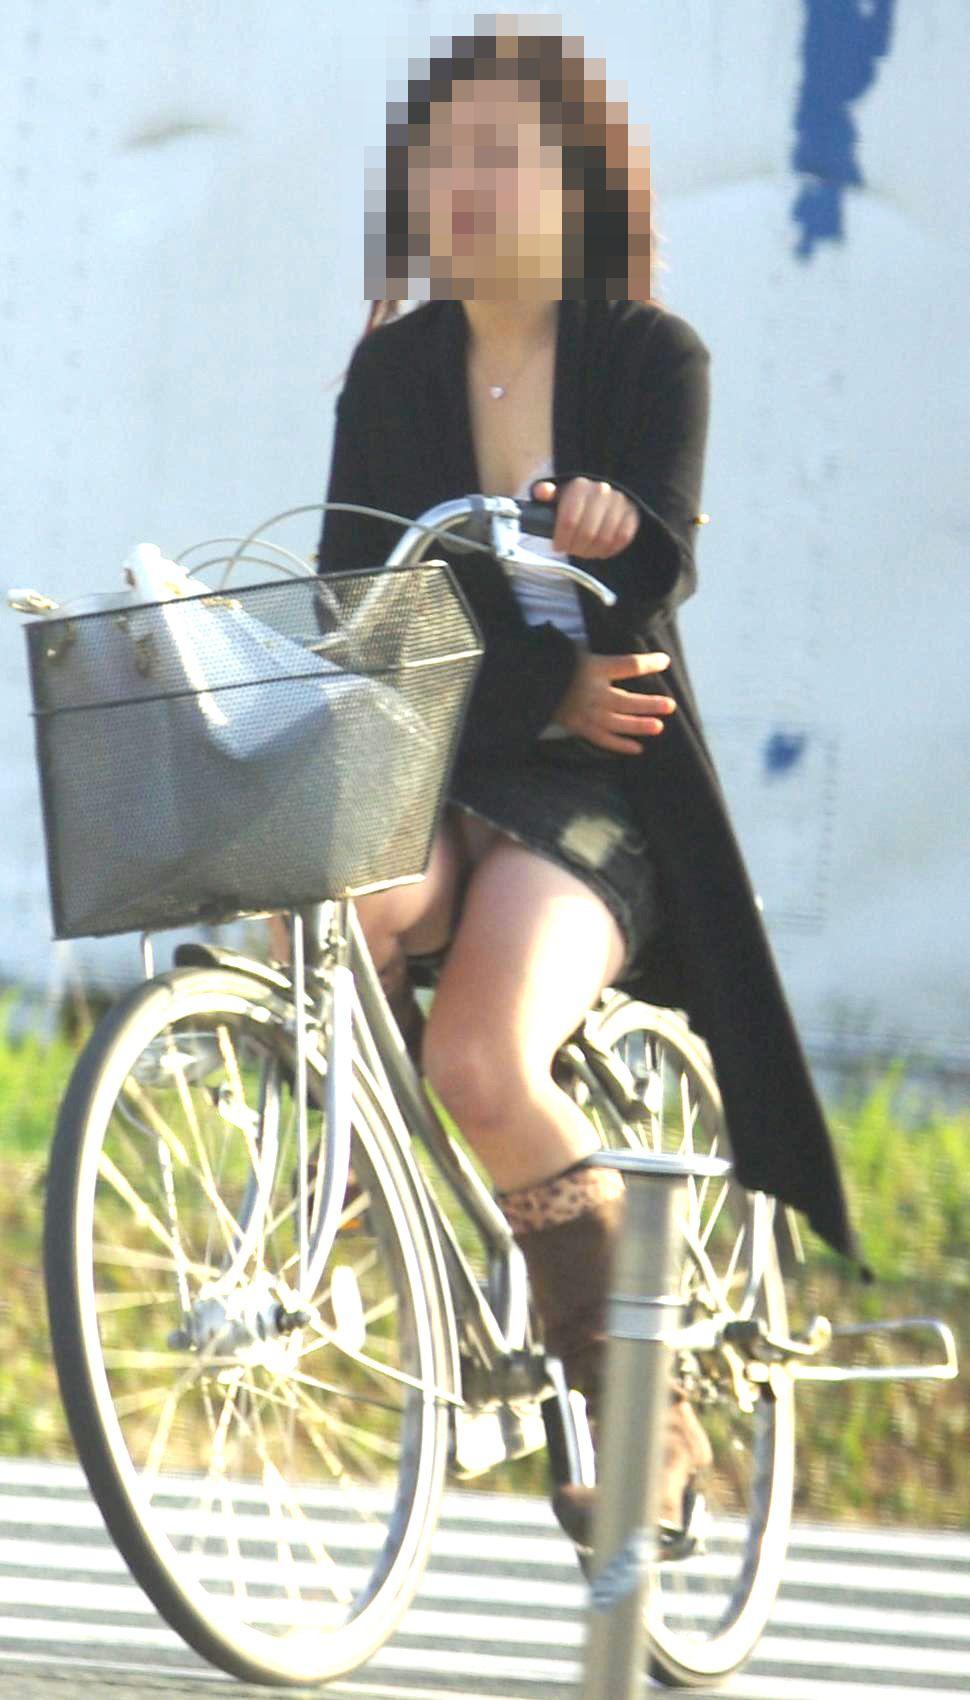 可愛いOLがタイトスカートでつま先立ちする自転車エロ画像4枚目